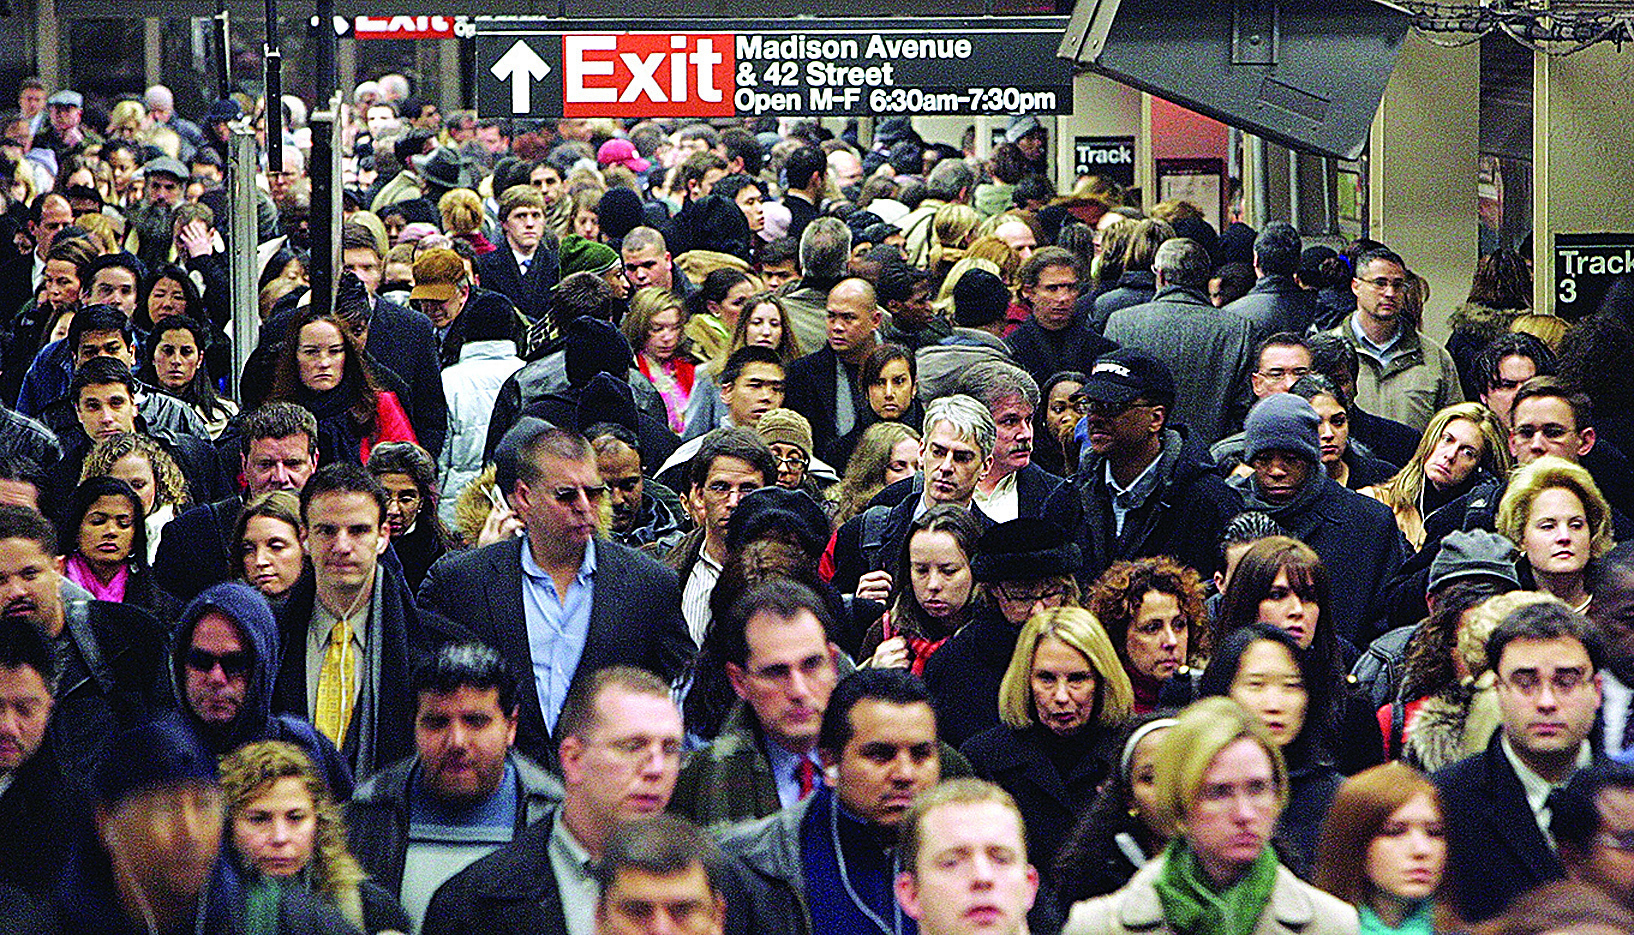 紐約地鐵系統中心樞紐的來往客流。(Mario Tama/Getty Images)